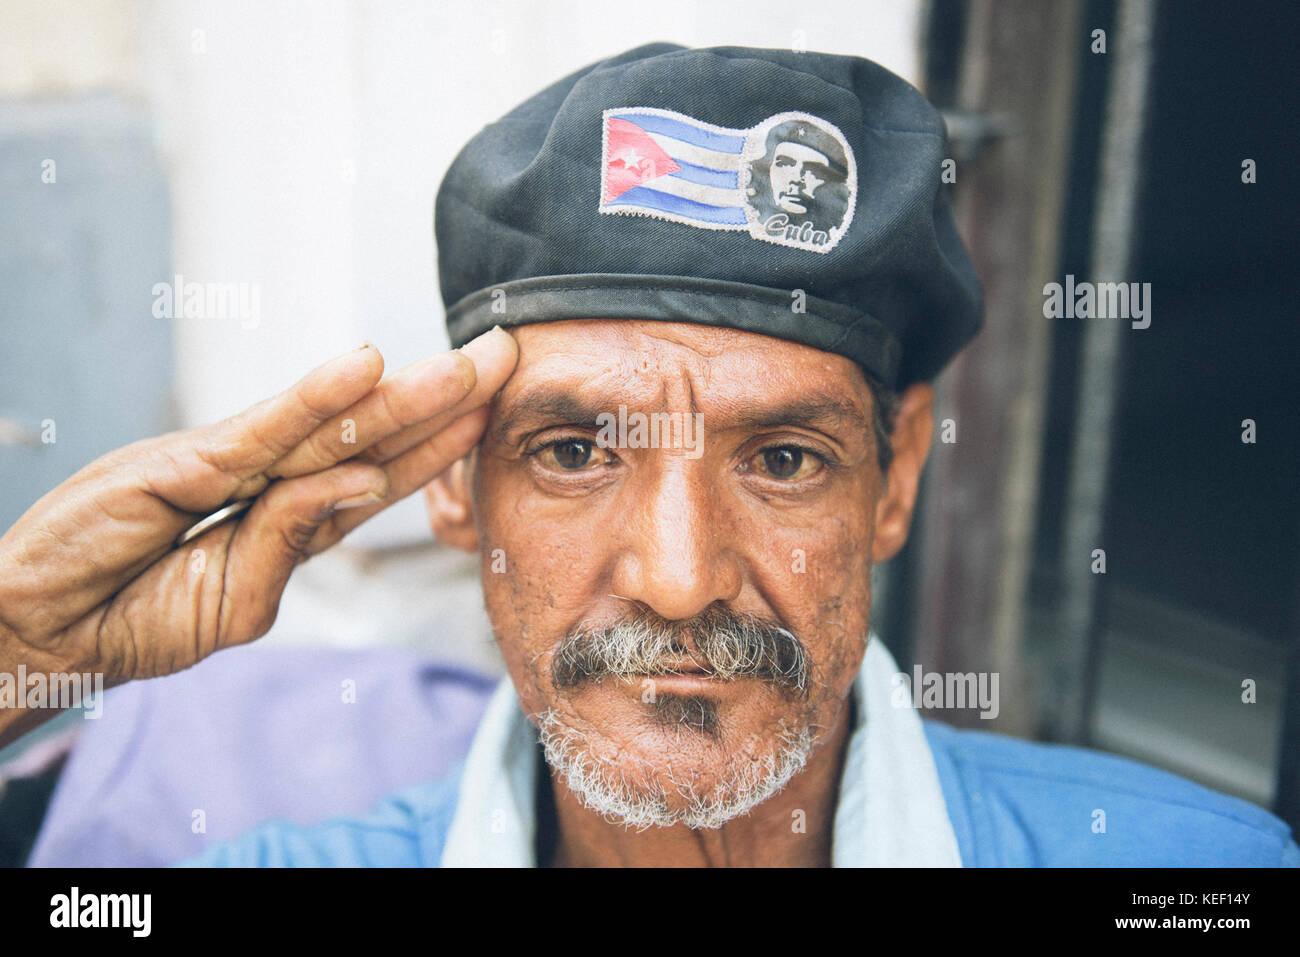 f477f6ef6d129 Patriota cubana hombre saluda como un soldado mientras llevaba una gorra  con una bandera cubana y la imagen del Che Guevara.